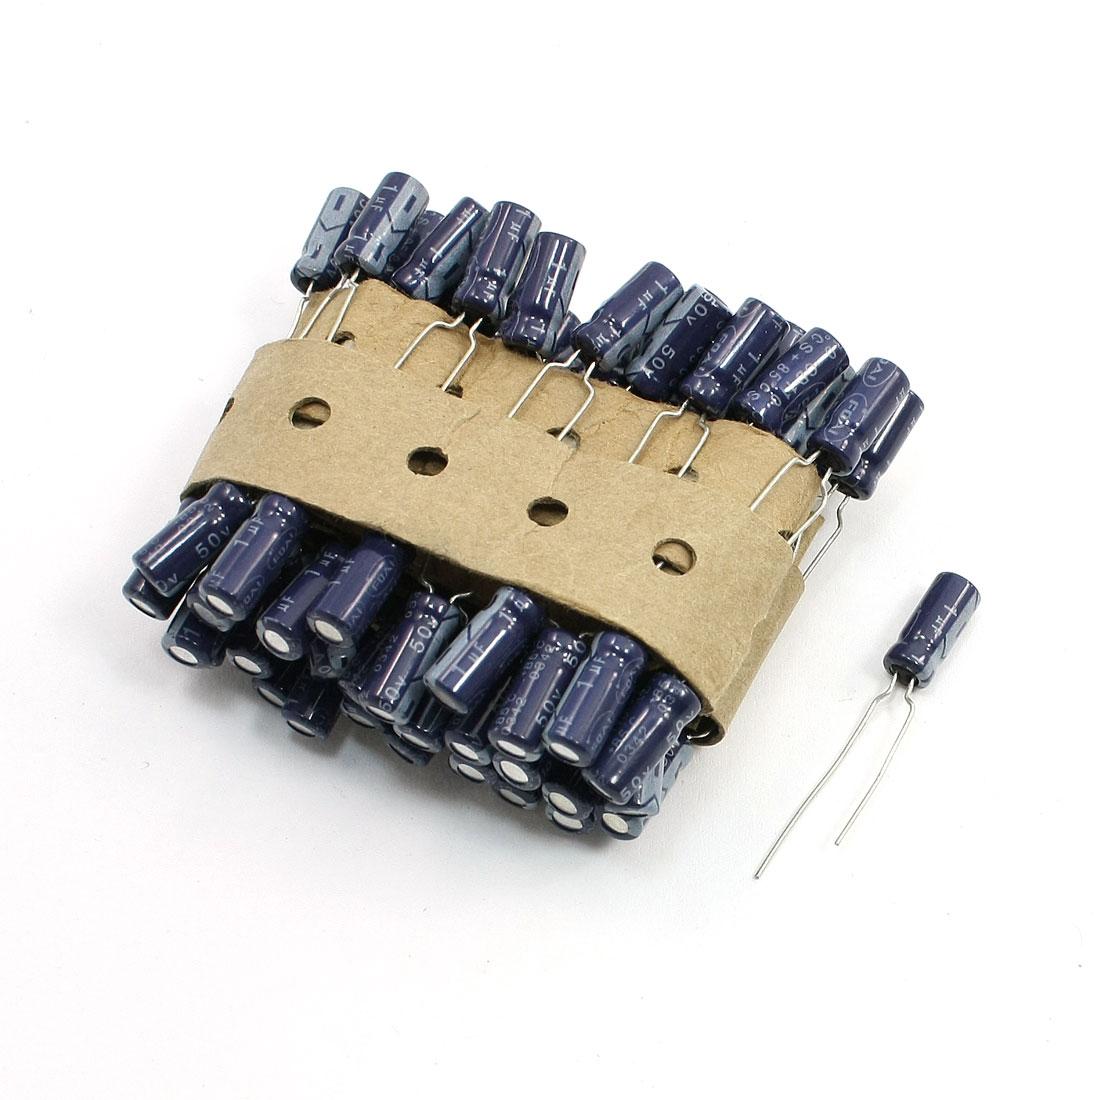 60 x 1uF 50V Polarized Aluminum Electrolytic Capacitor 5 x 10mm